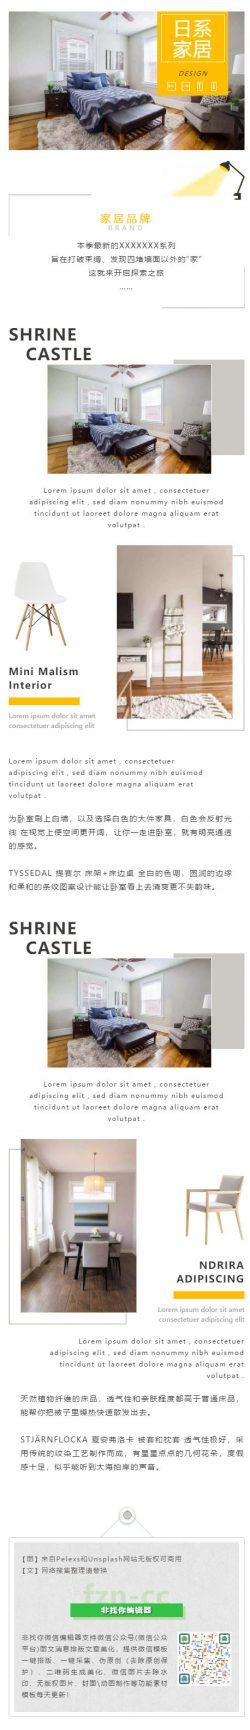 家居品牌房地产家装房子装修英文推送文章模板推文素材